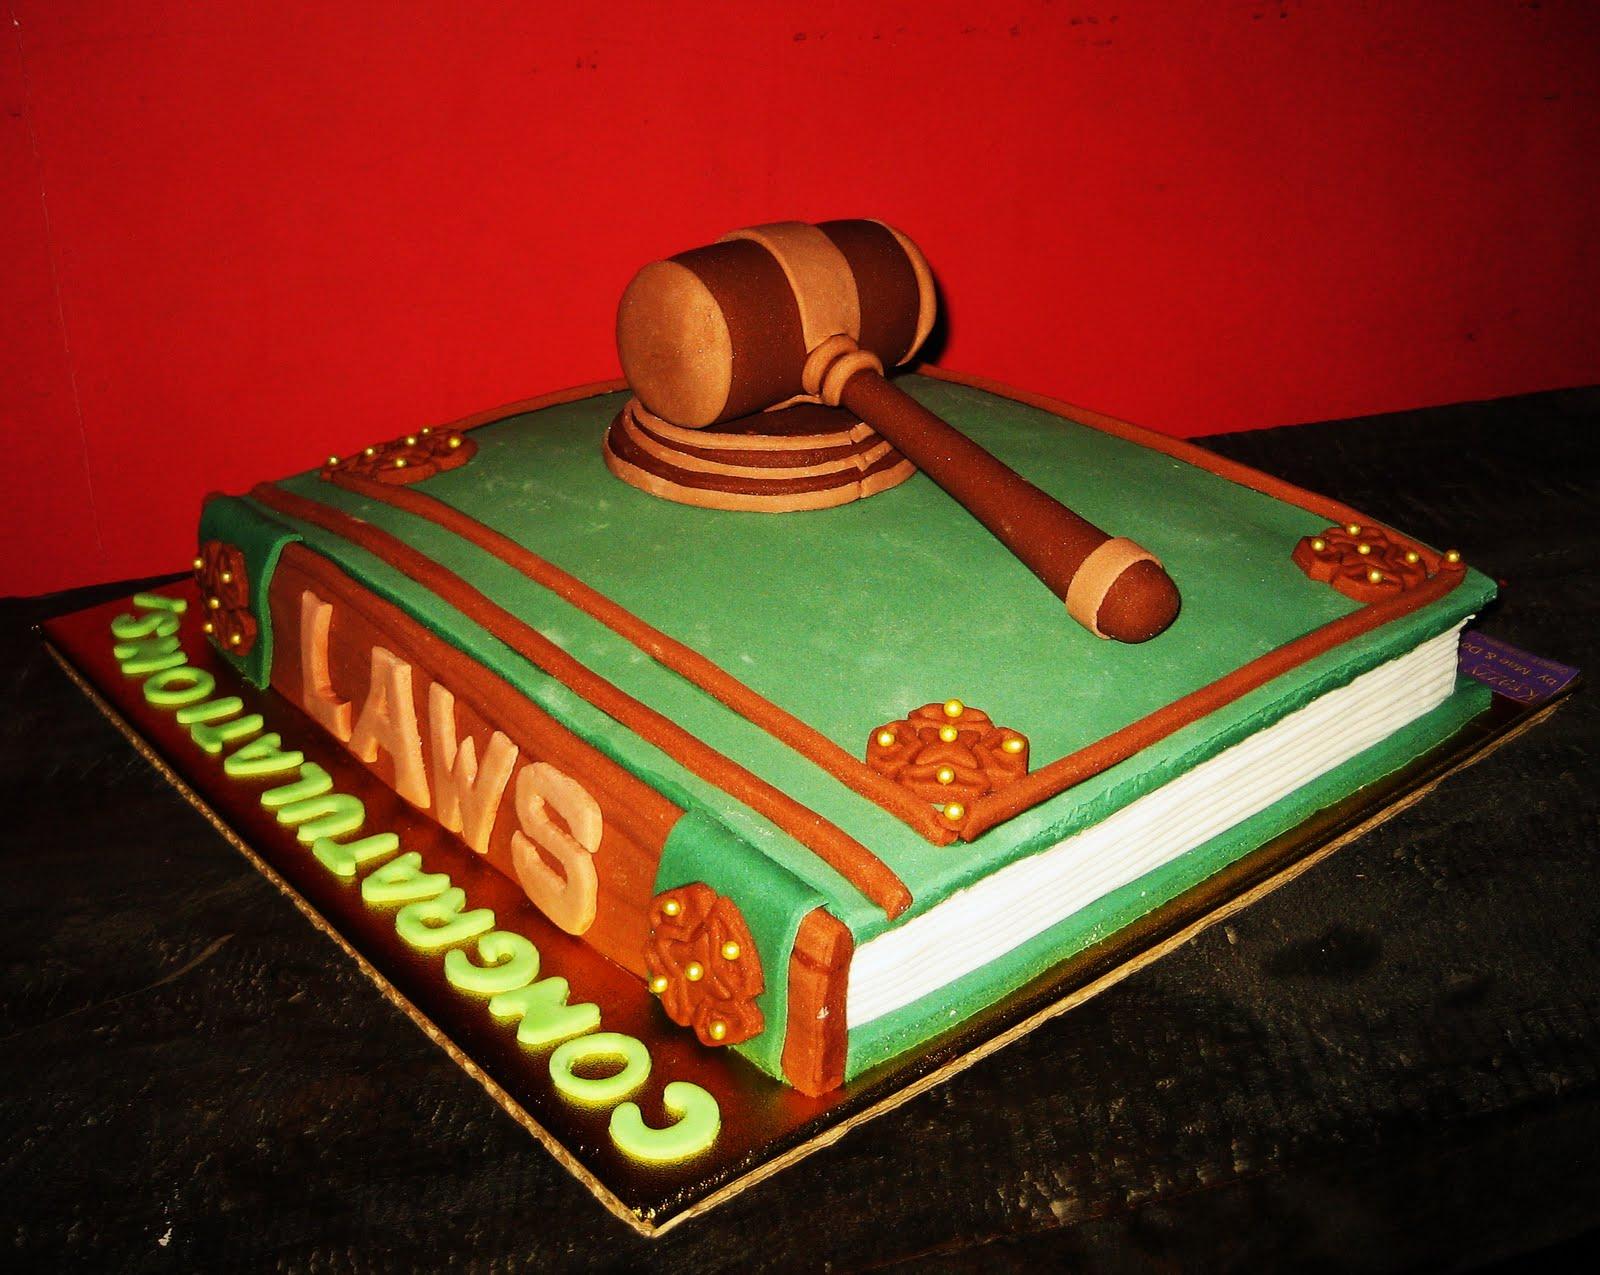 Krazzy Cakes Lawyer S Cake